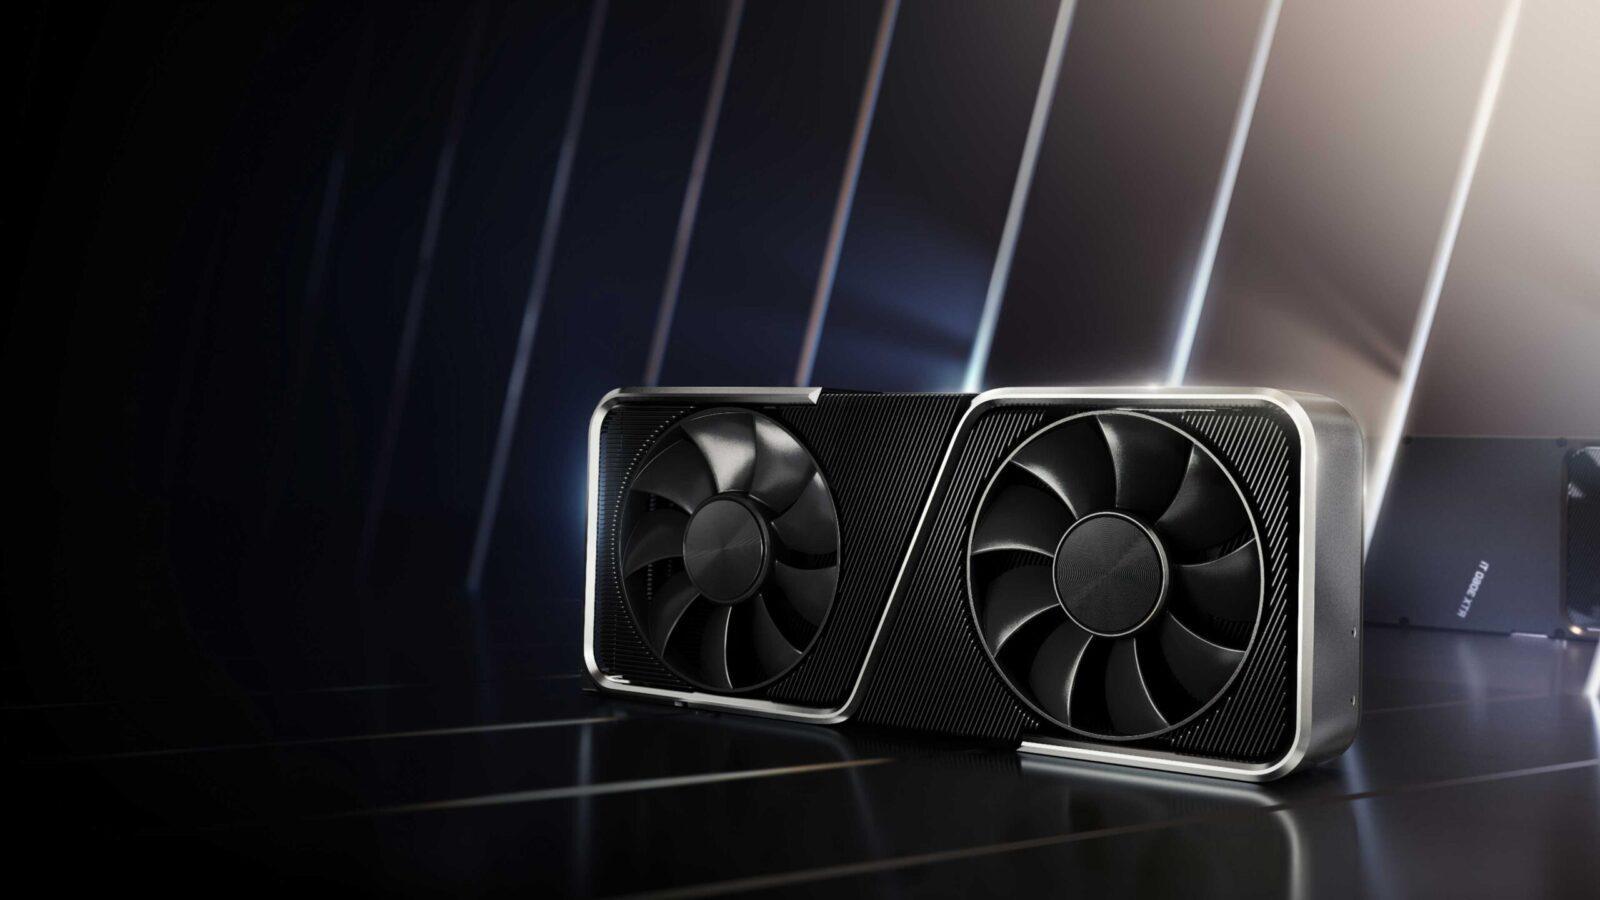 Видеокарта GeForce RTX 3060 поступила в продажу в России. Для неё уже выпустили новый драйвер